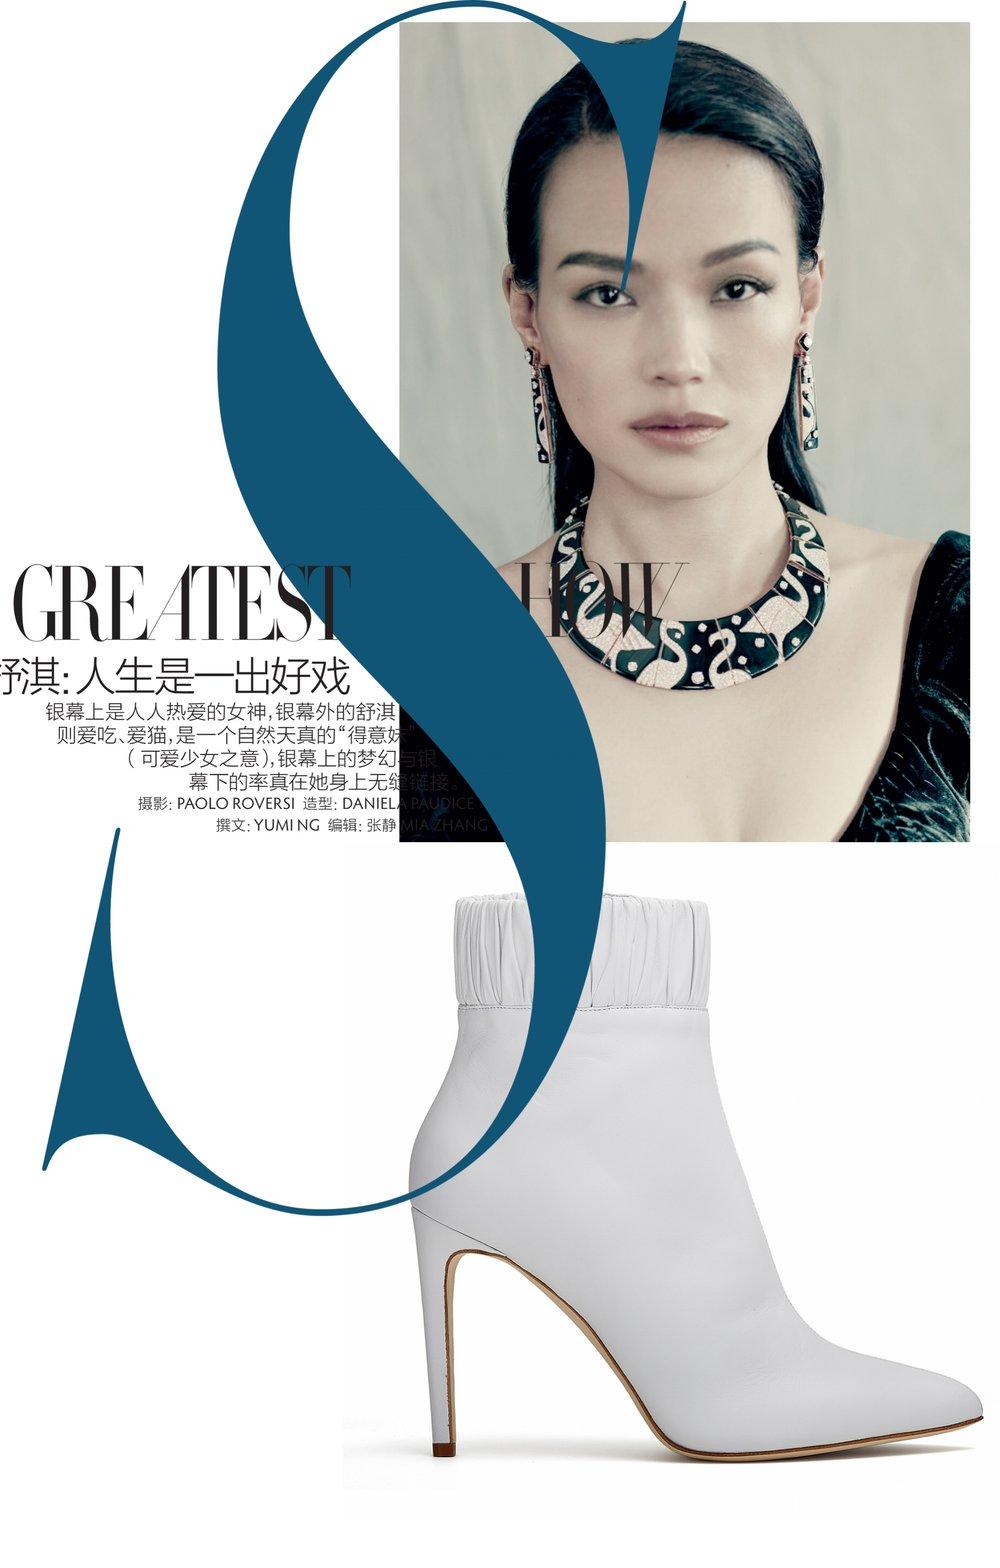 Voguepage3.jpg